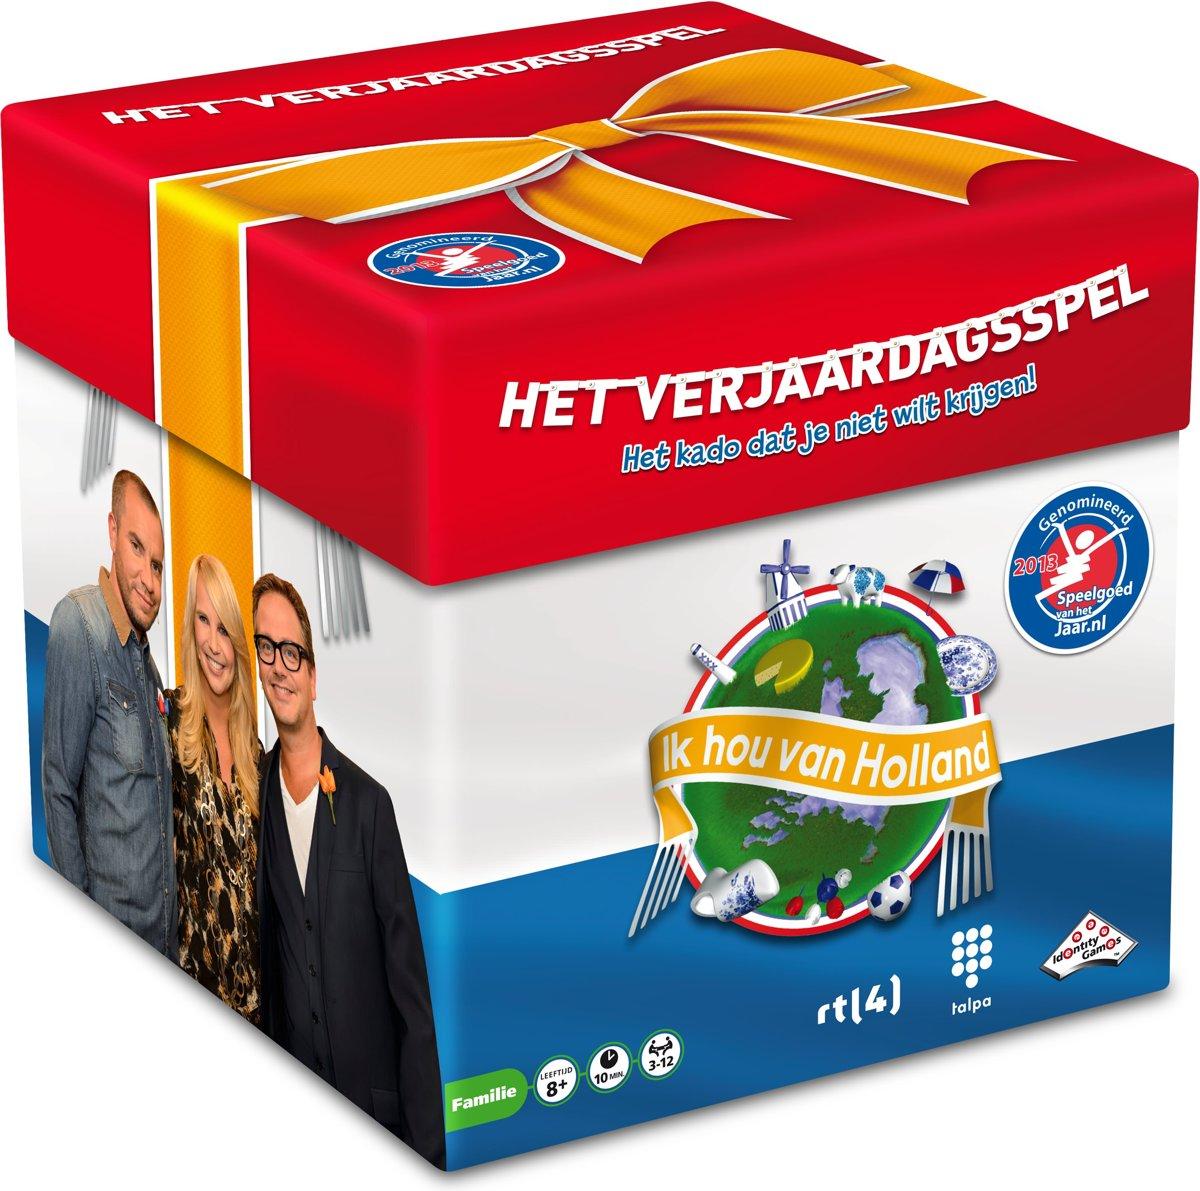 Ik Hou van Holland Verjaardagsspel - Gezelschapsspel